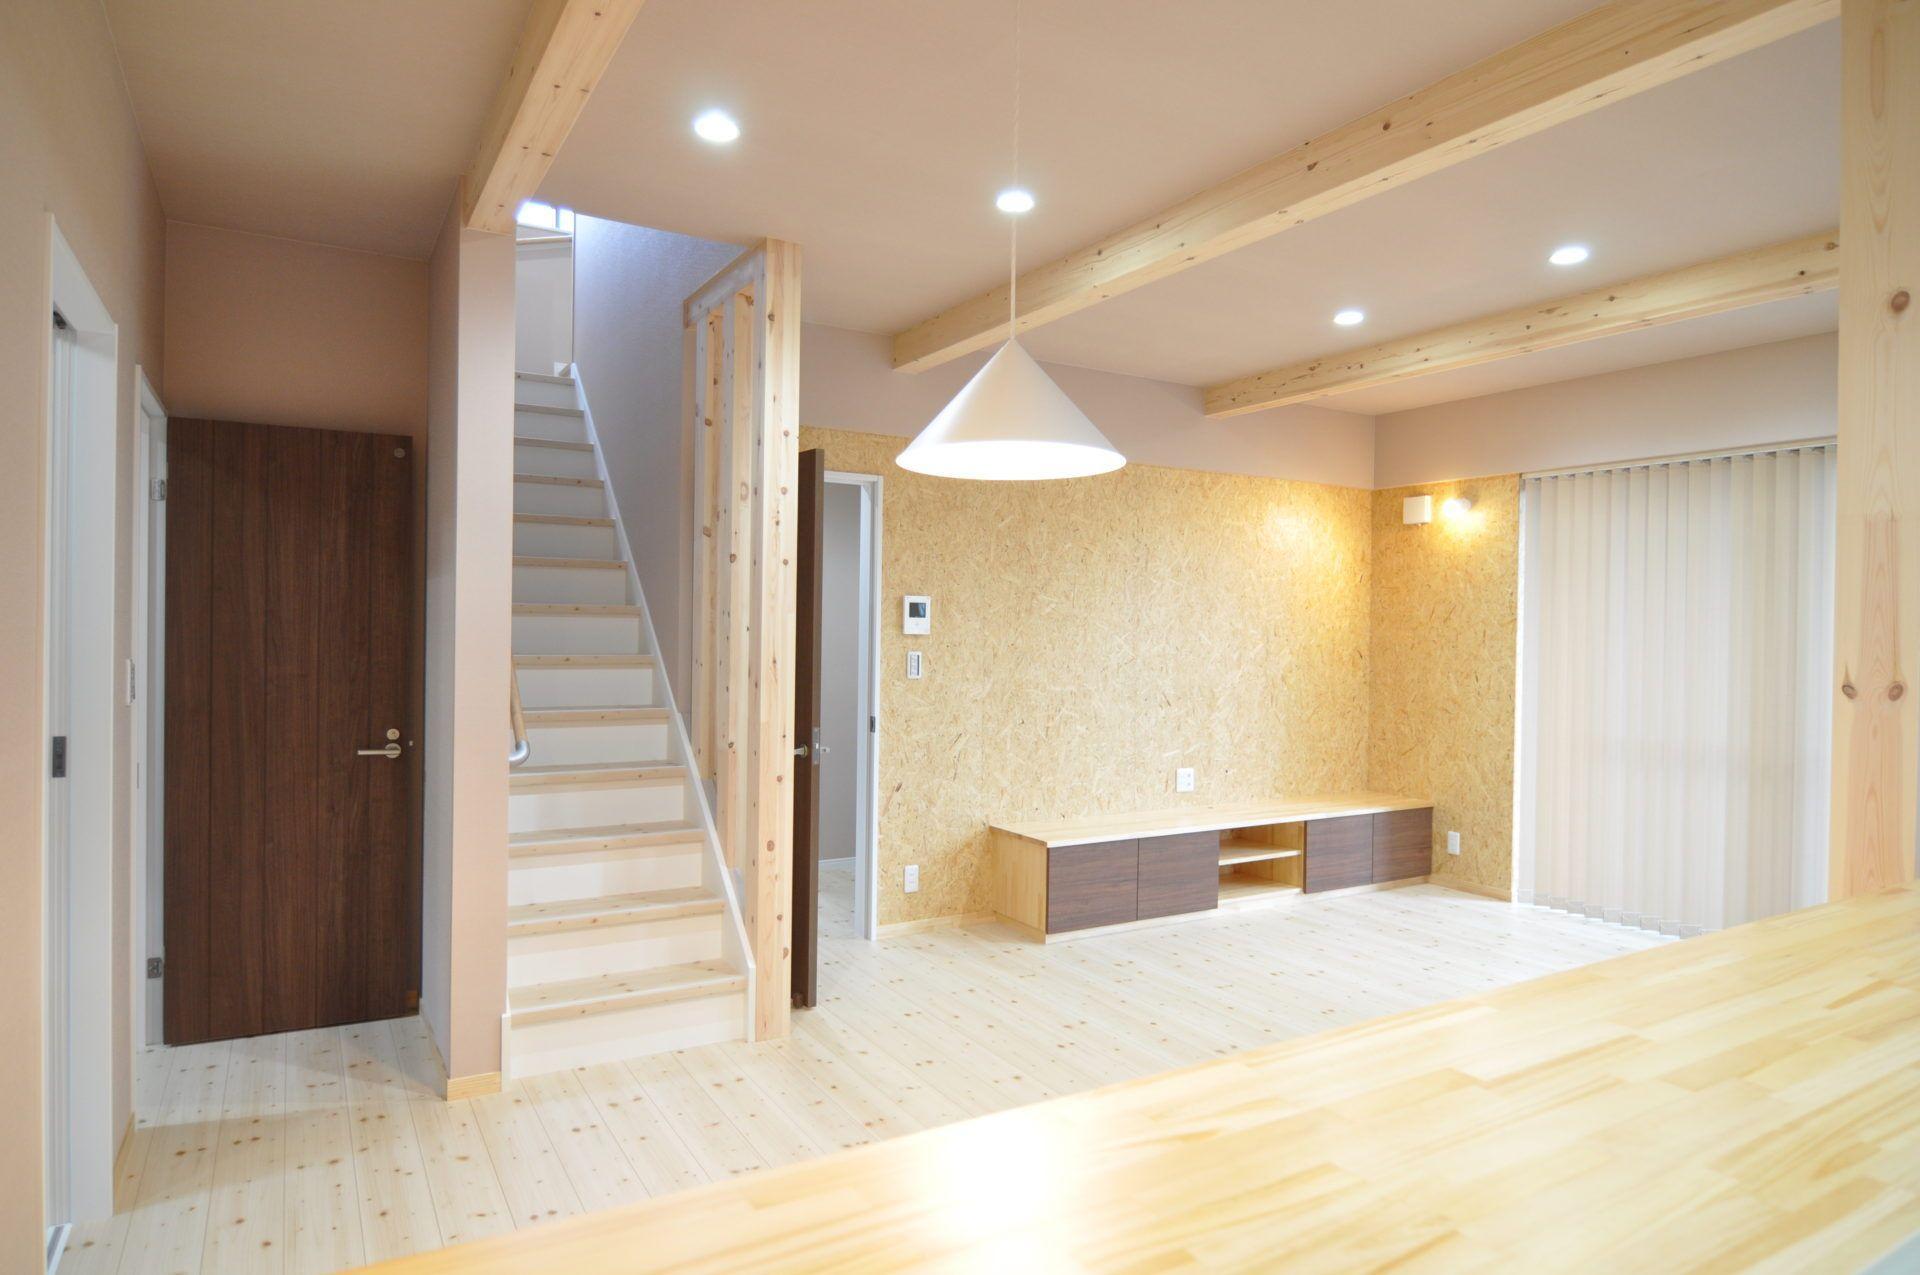 有限会社 市川建築店 1級建築士事務所「三条市 K様邸」のシンプル・ナチュラルなリビング・ダイニングの実例写真